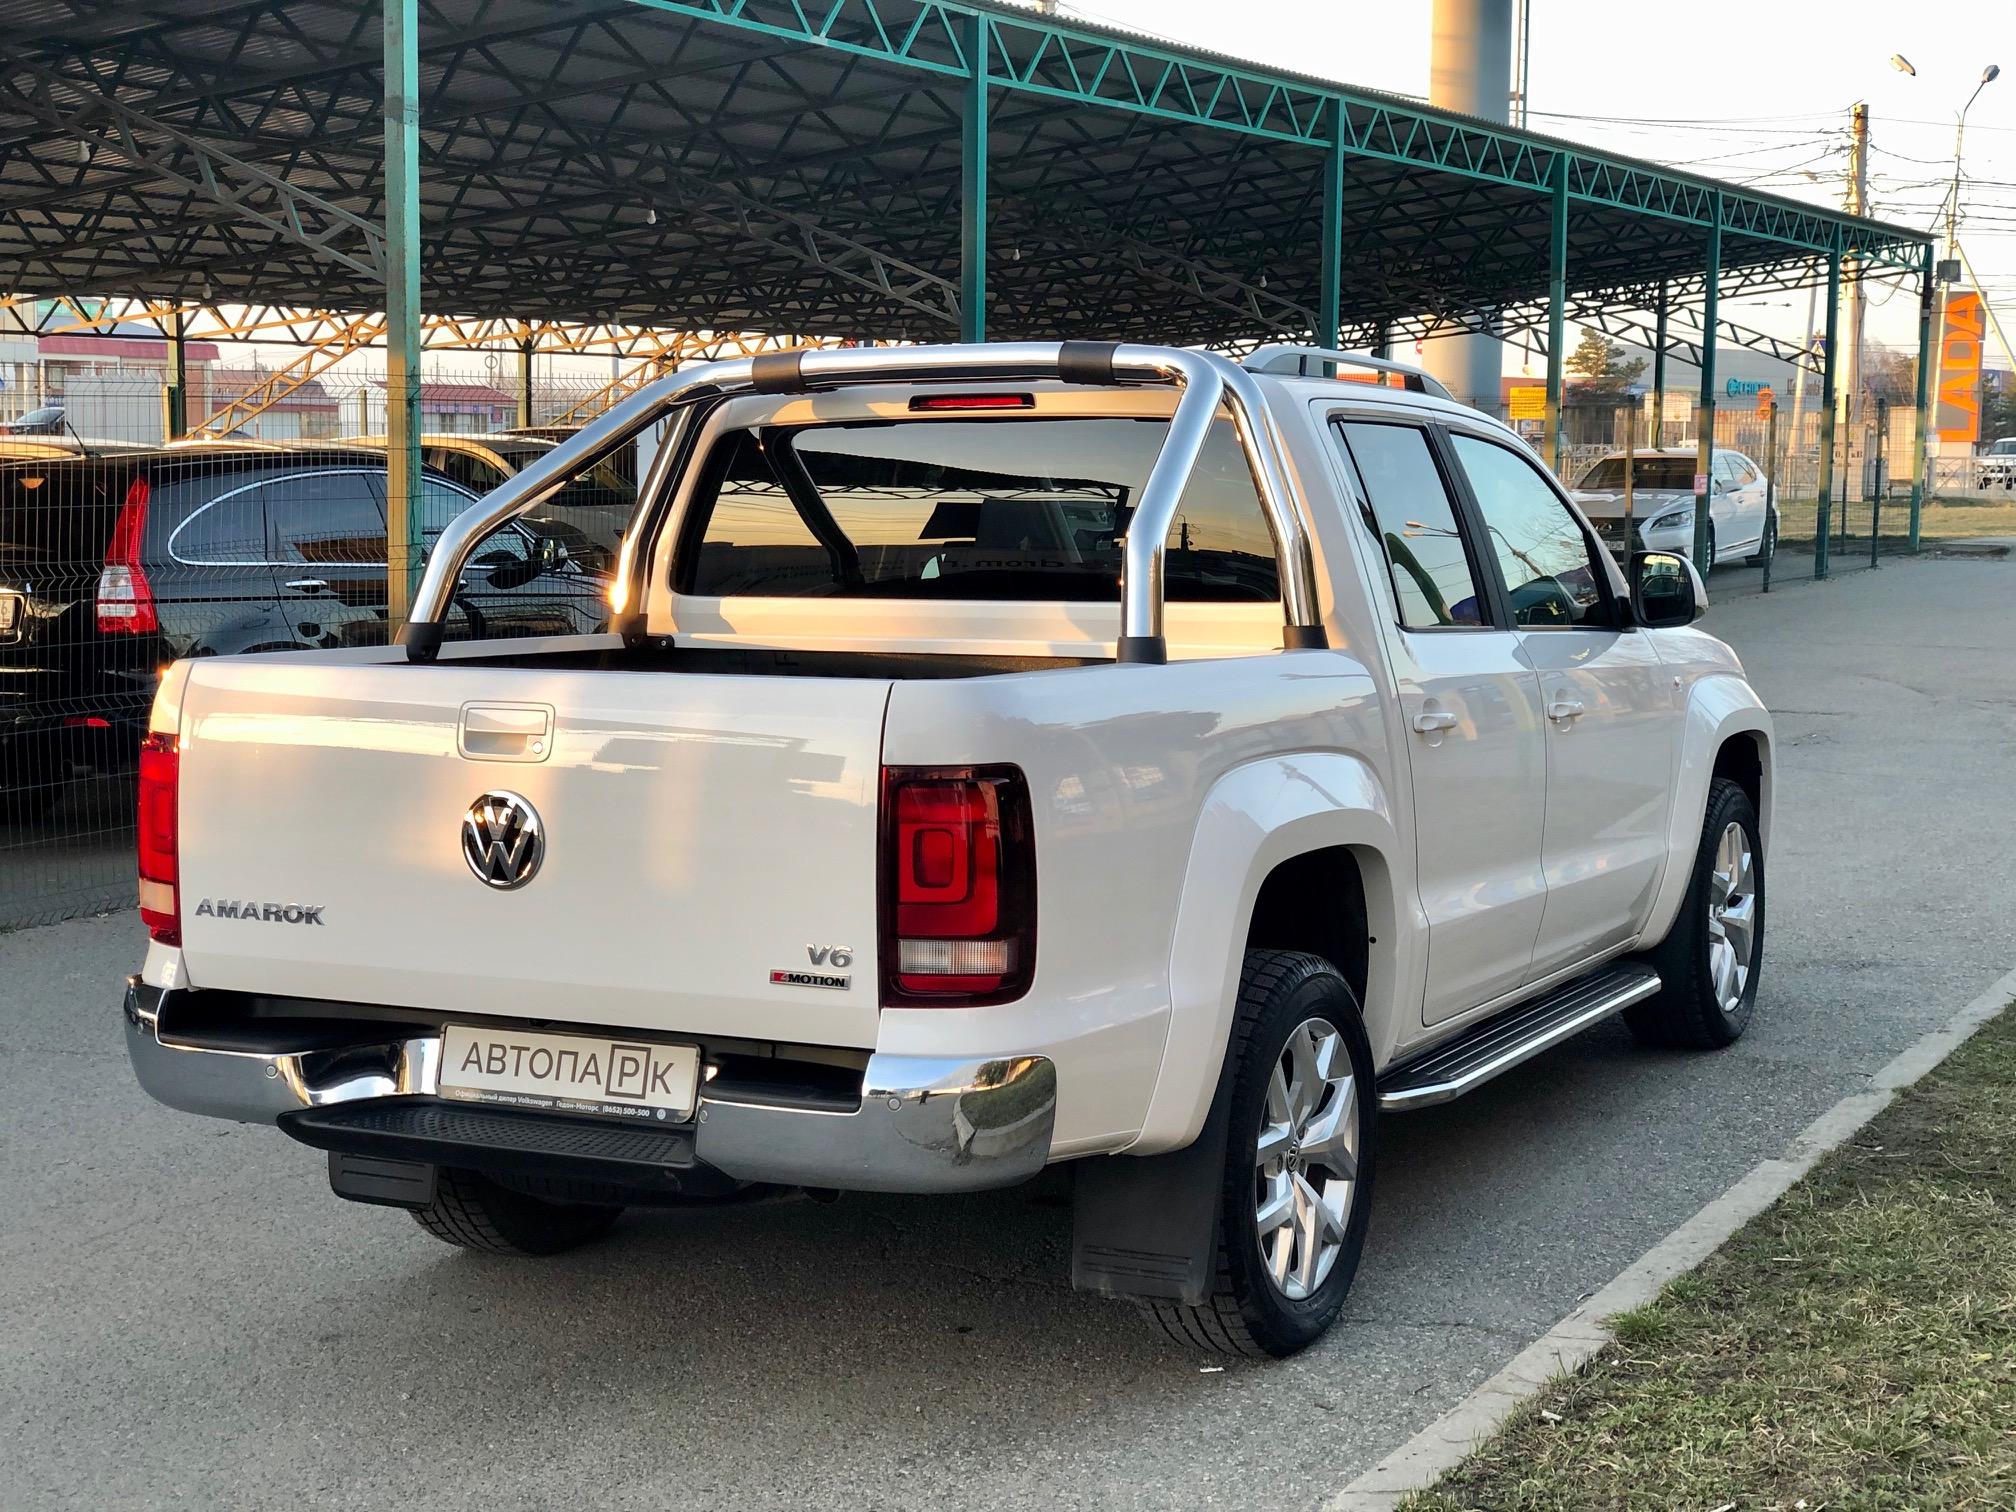 Купить Volkswagen Amarok (Белый) - Автопарк Ставрополь